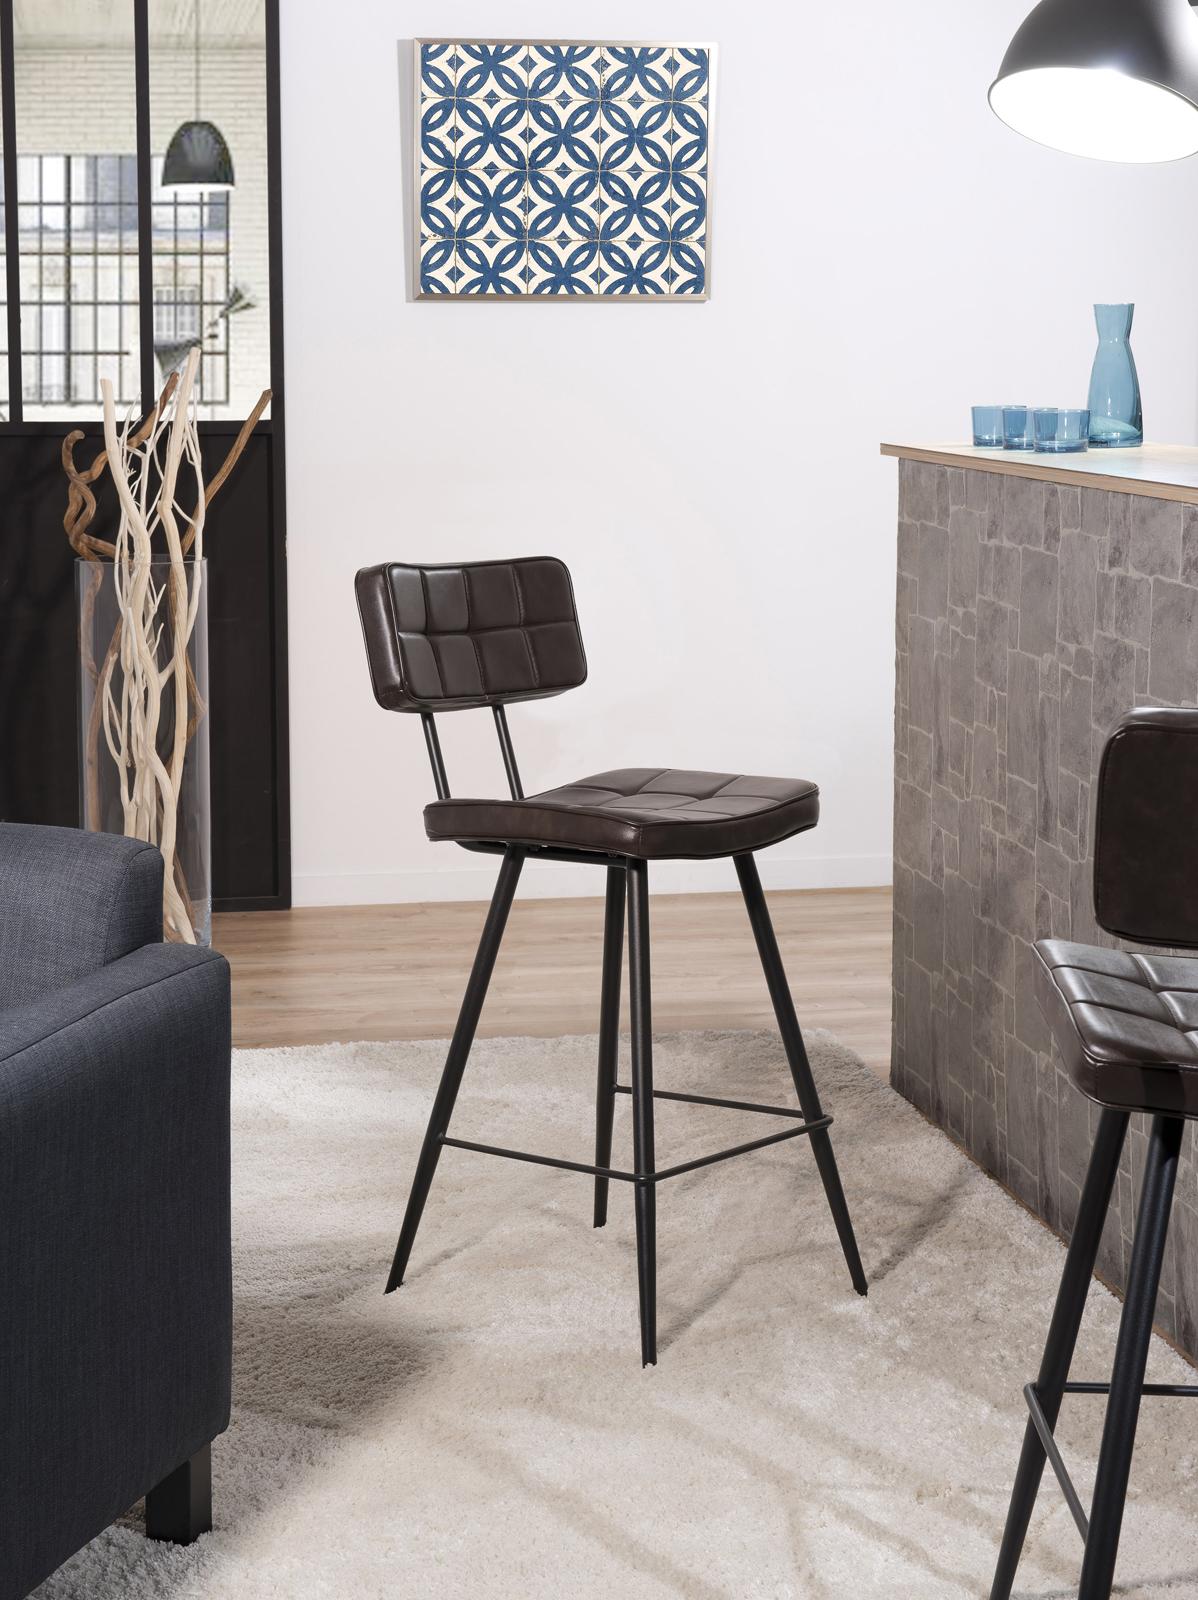 lot de 2 chaises de bar capitonnees en metal et tissu marron 43x53x92cm tim